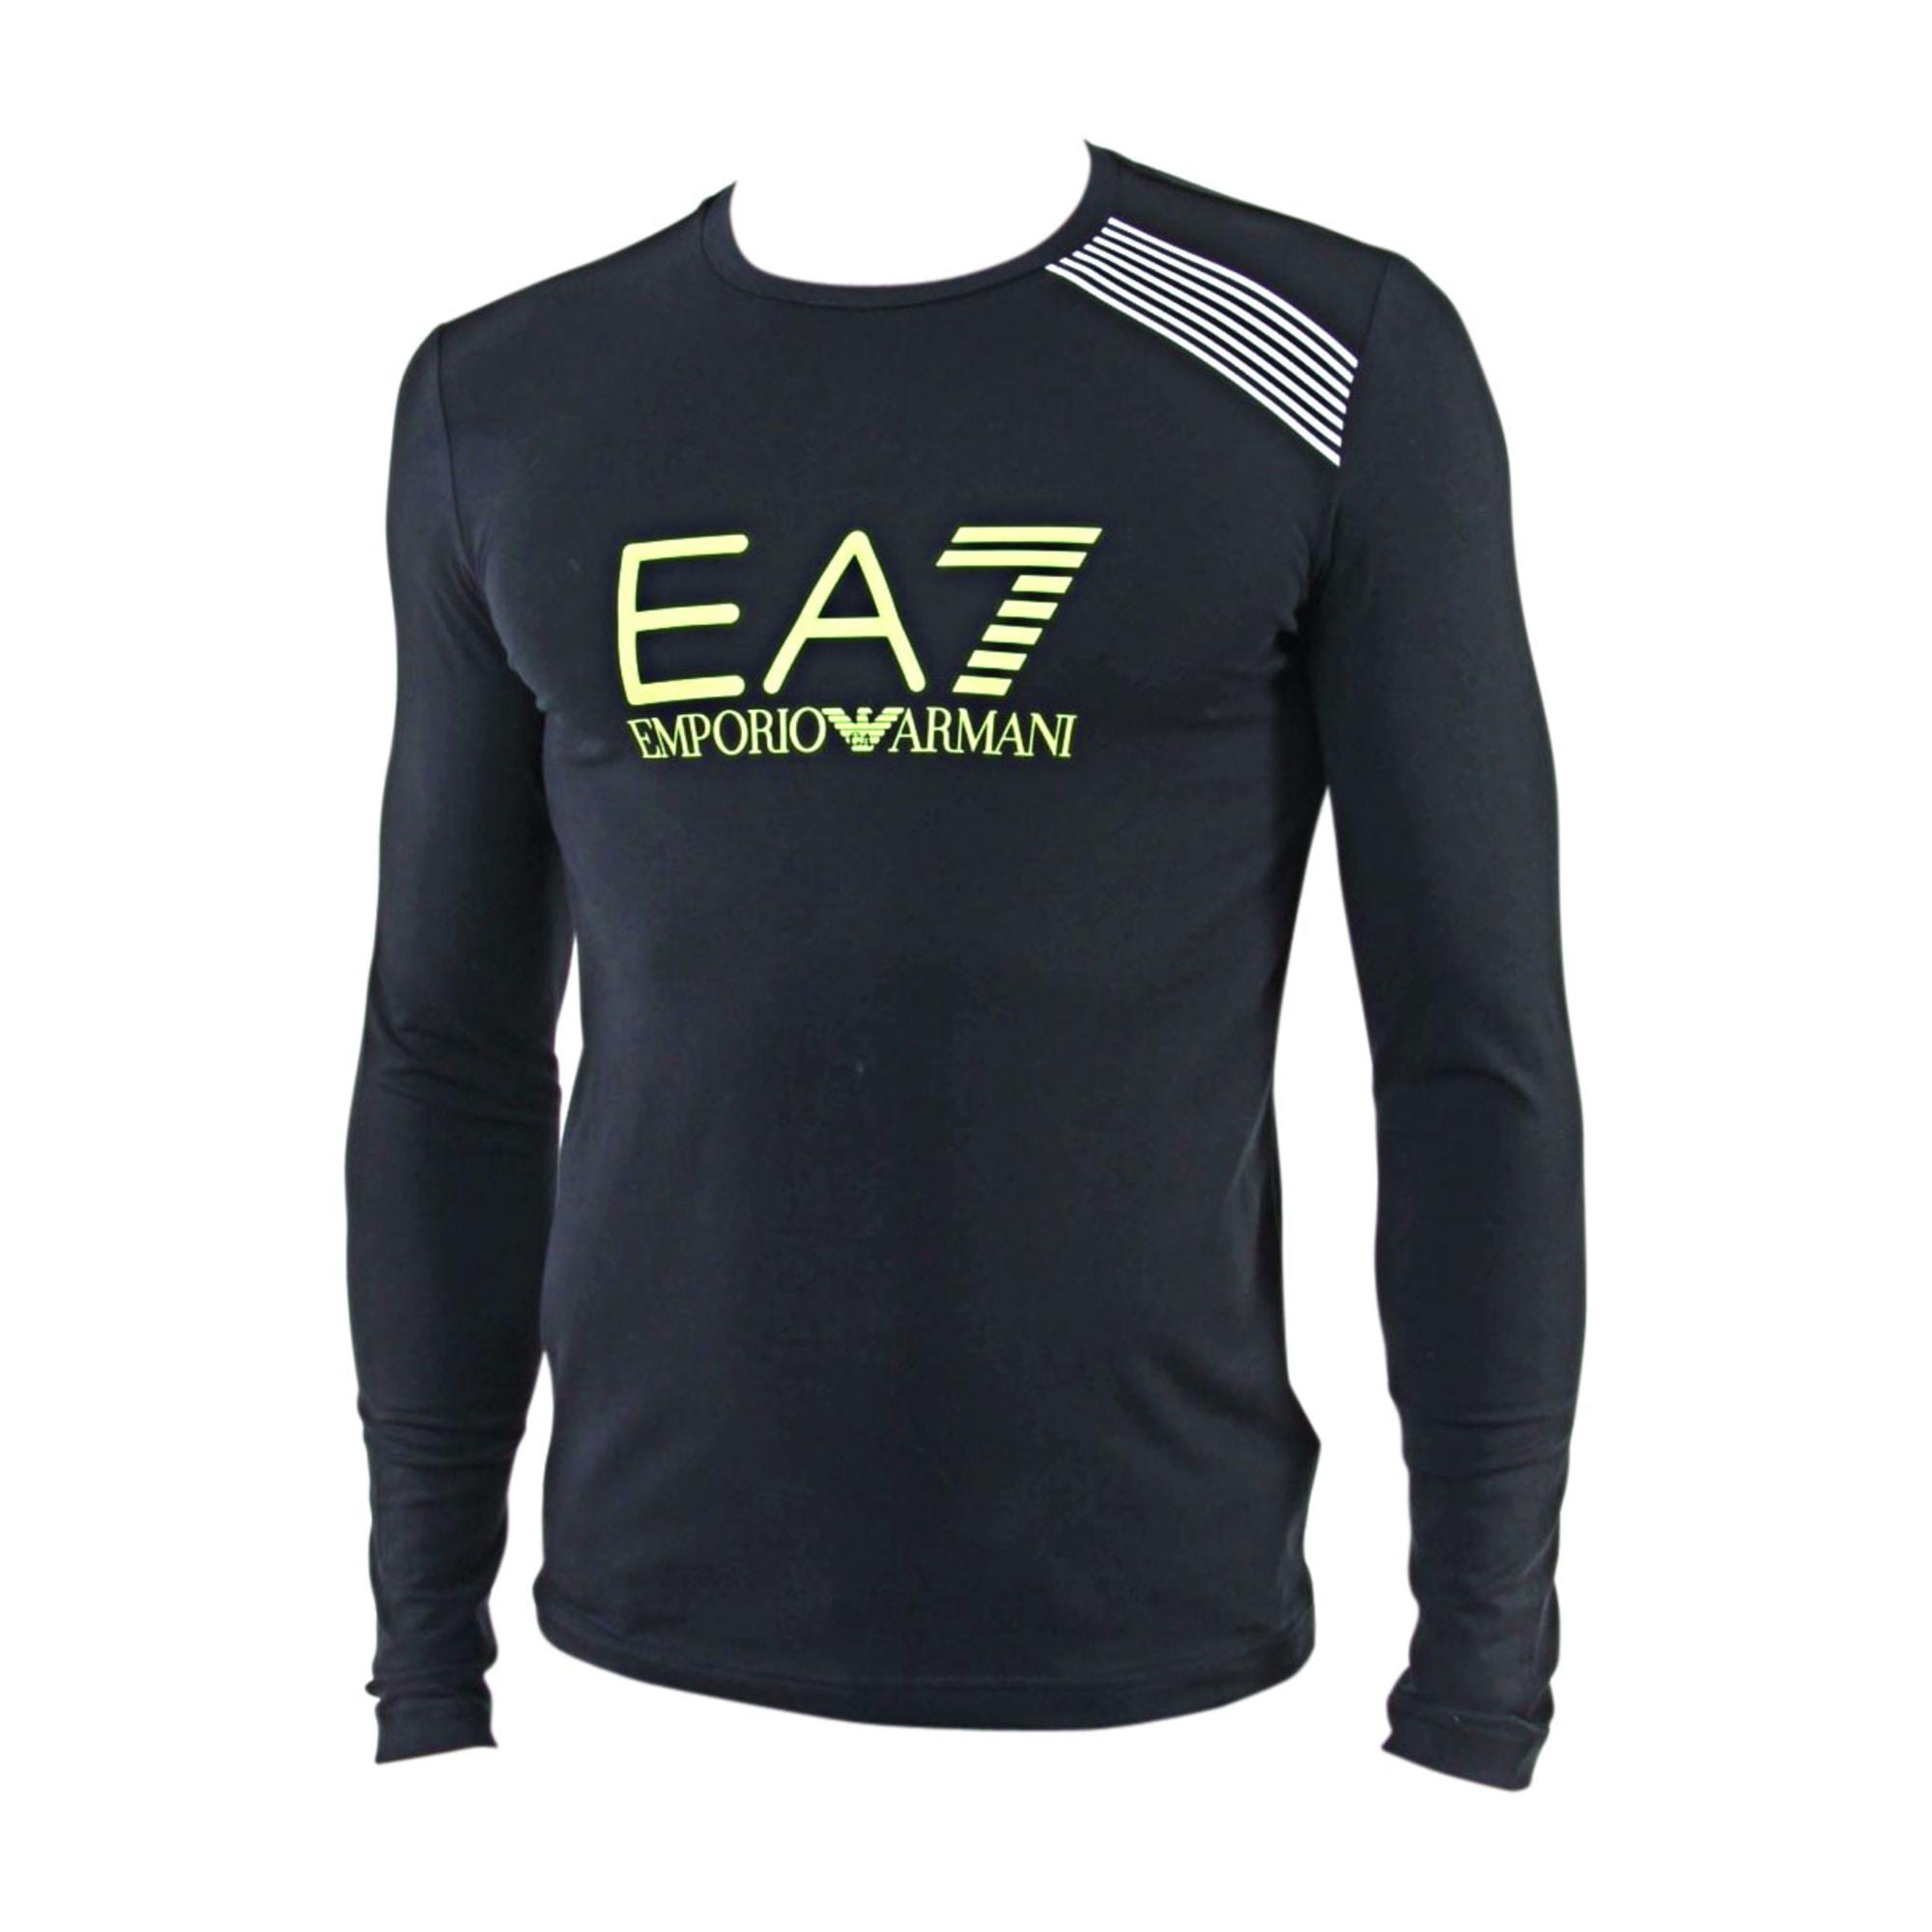 Tee-shirt ARMANI EA7 0 (XS) noir vendu par La boutique de ... 79d4e66a009